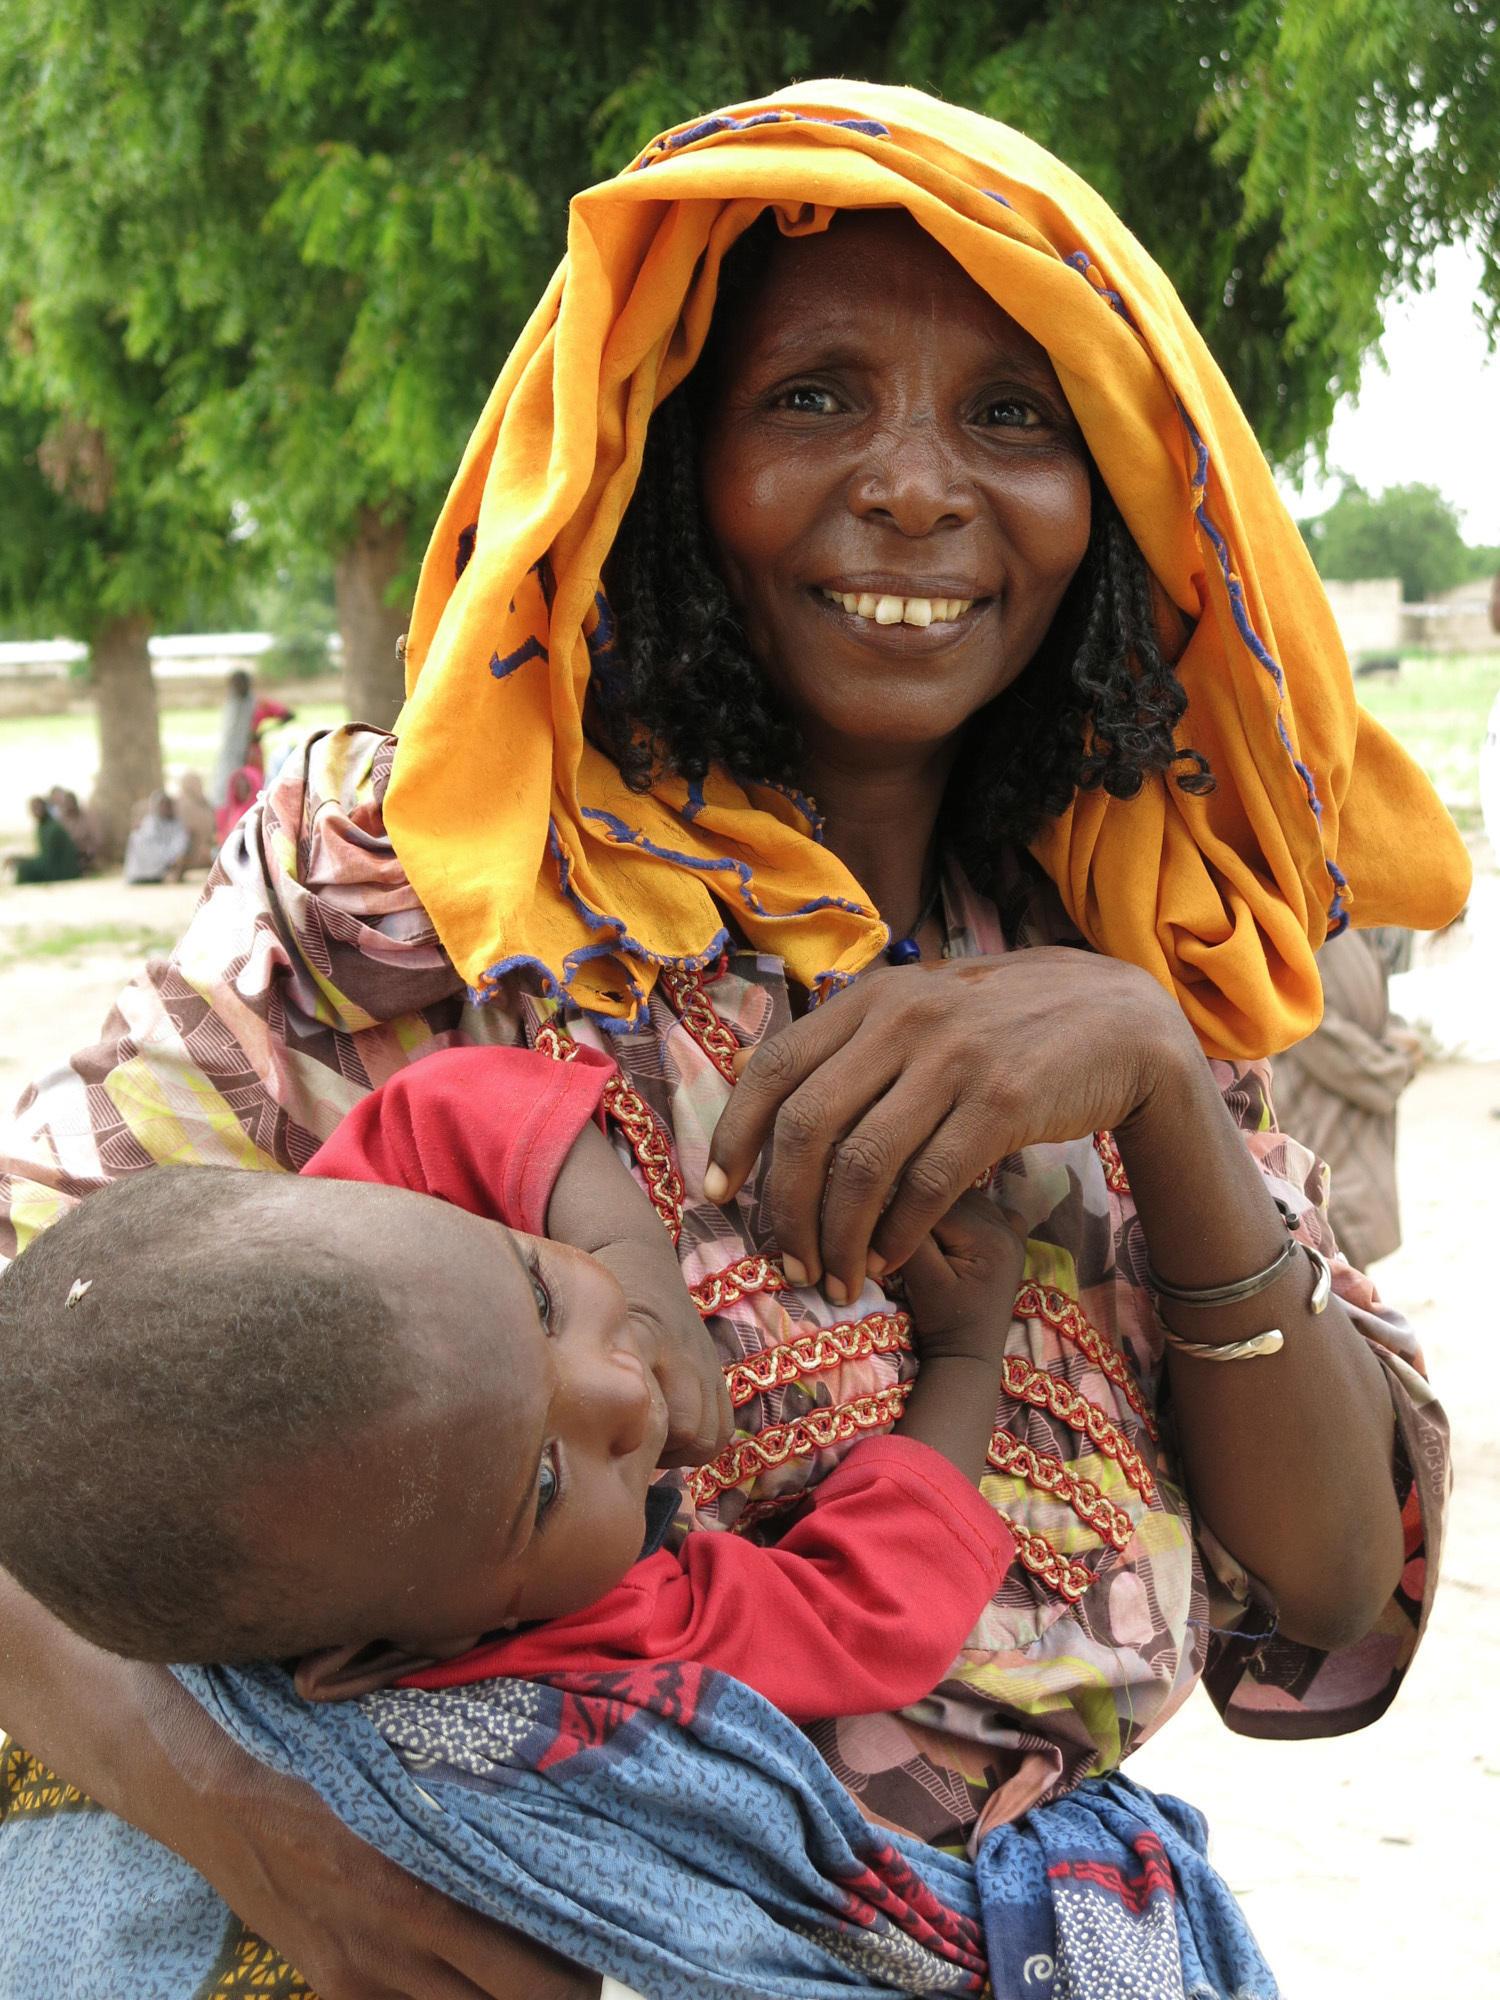 Malnutrition in Children - UNICEF DATA